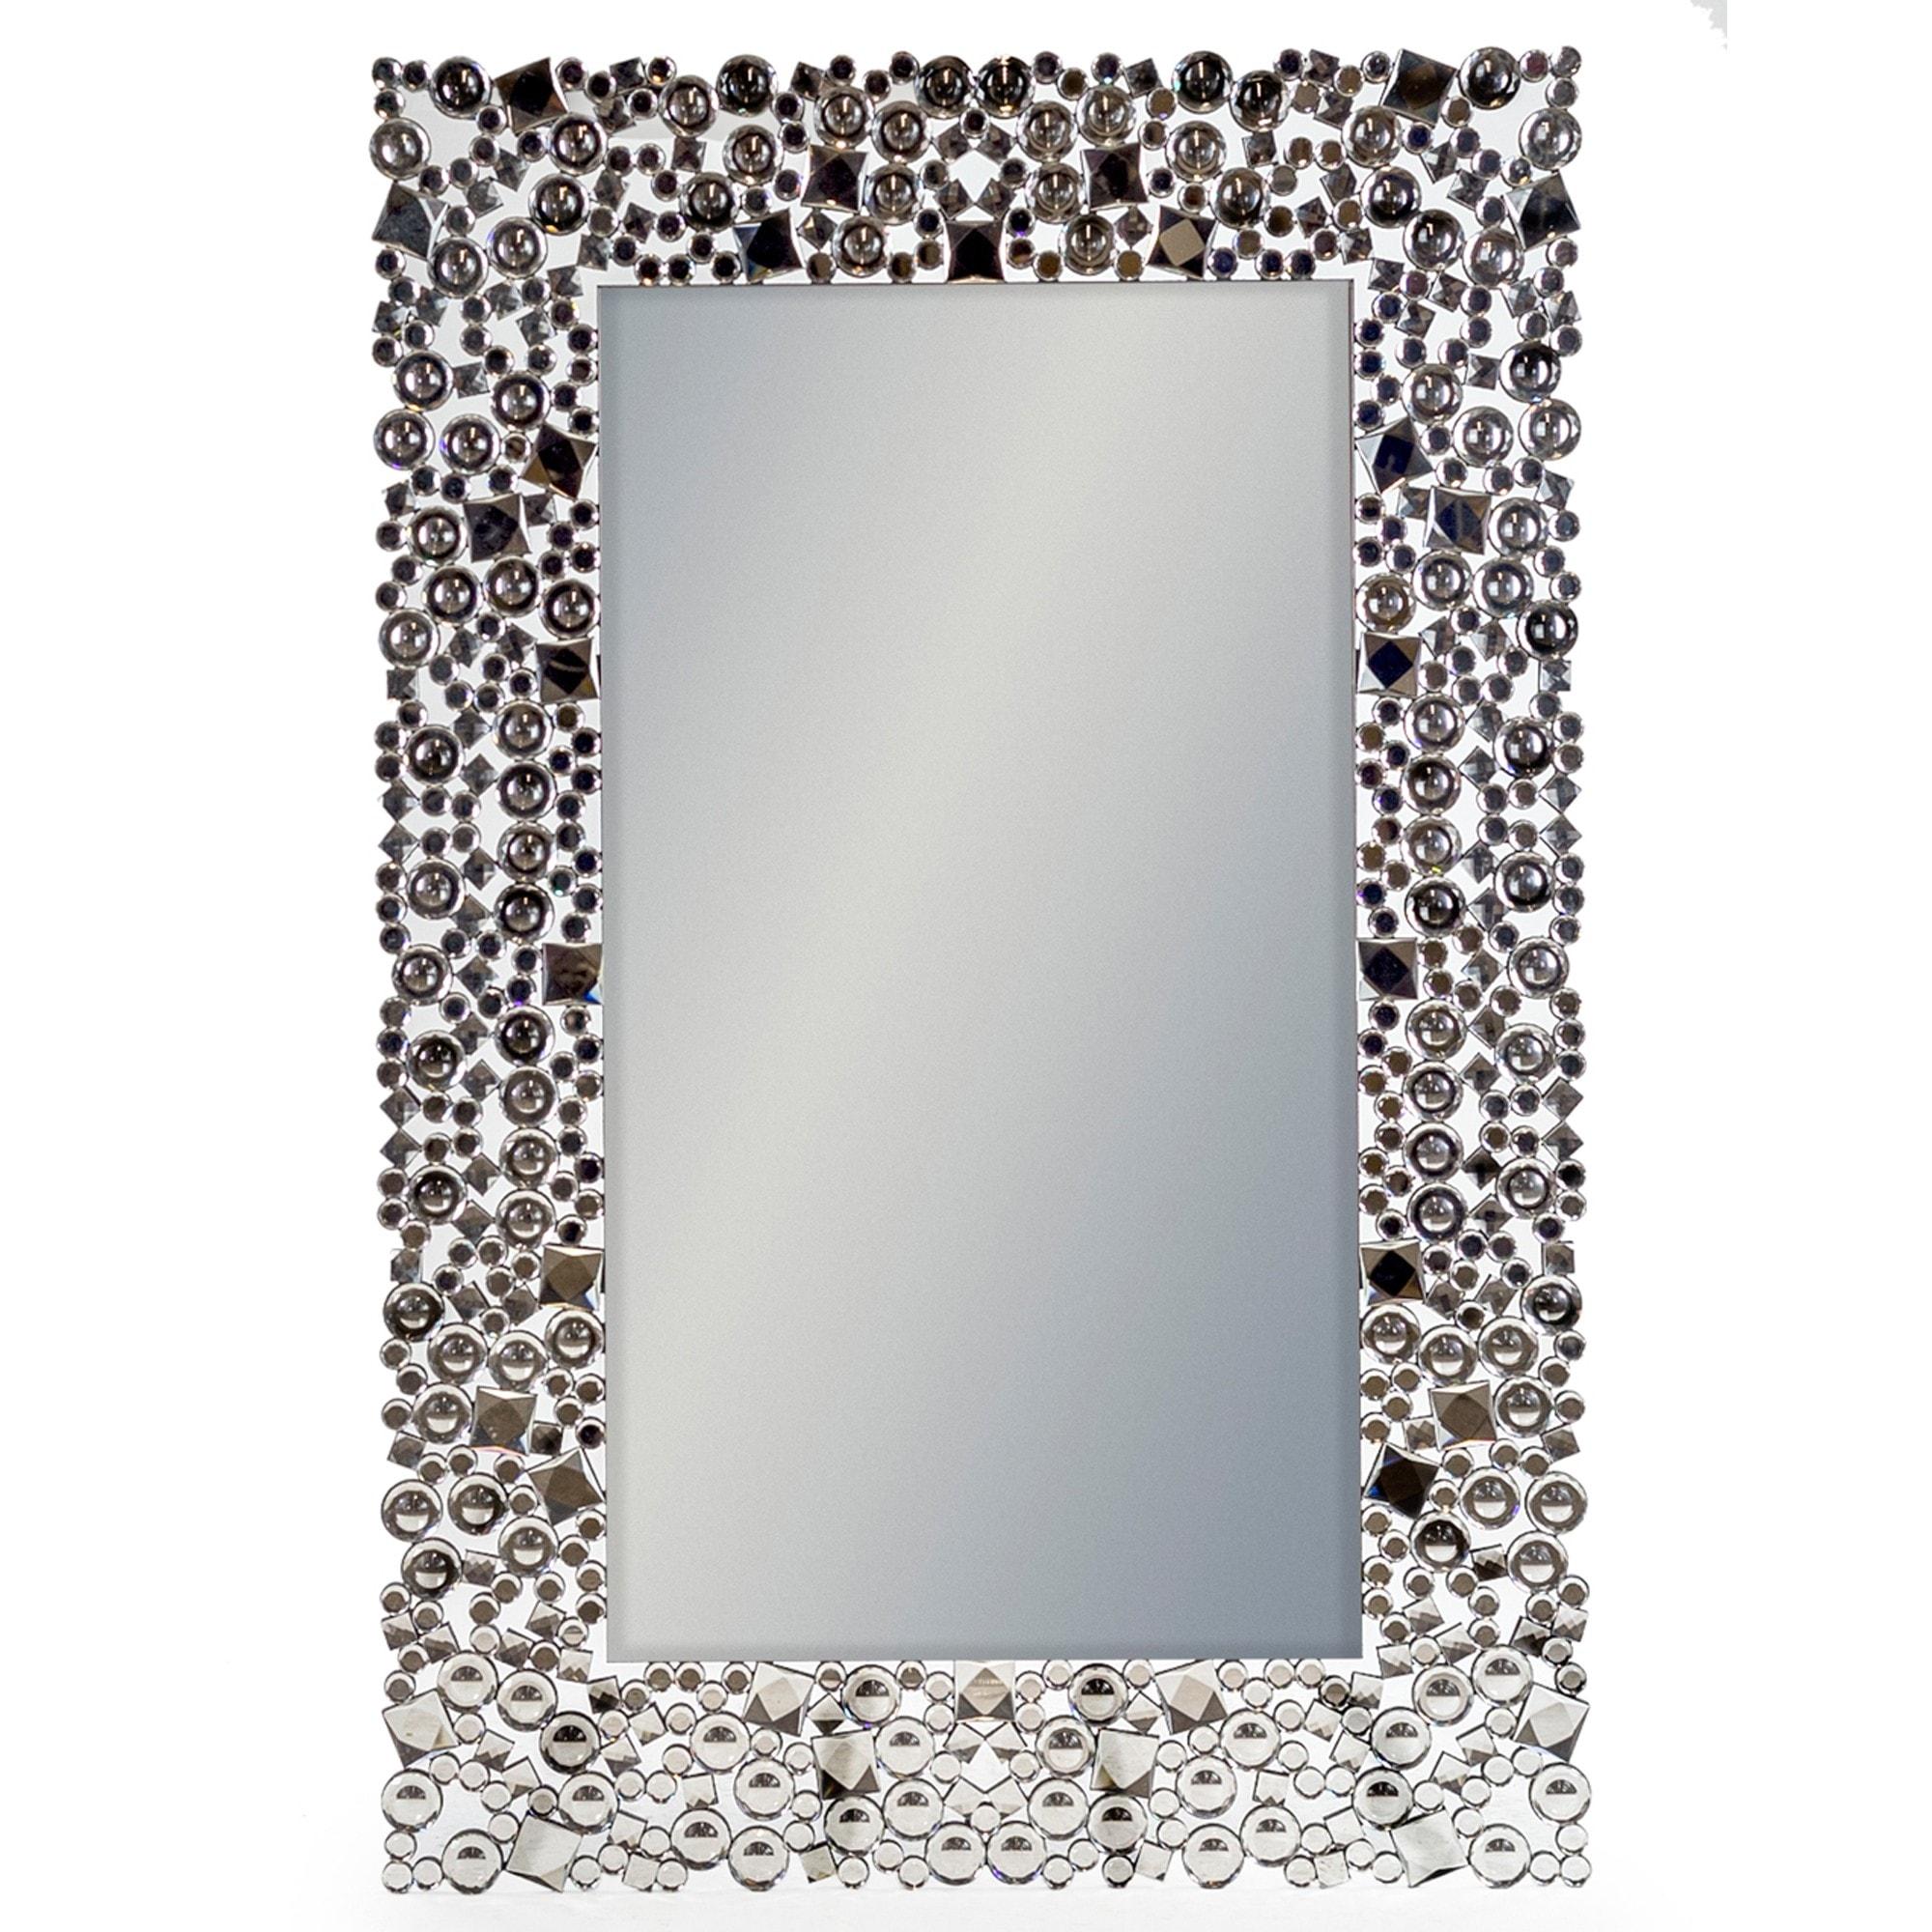 Rectangular Glitz Venetian French Mirrors Venetian Mirrors